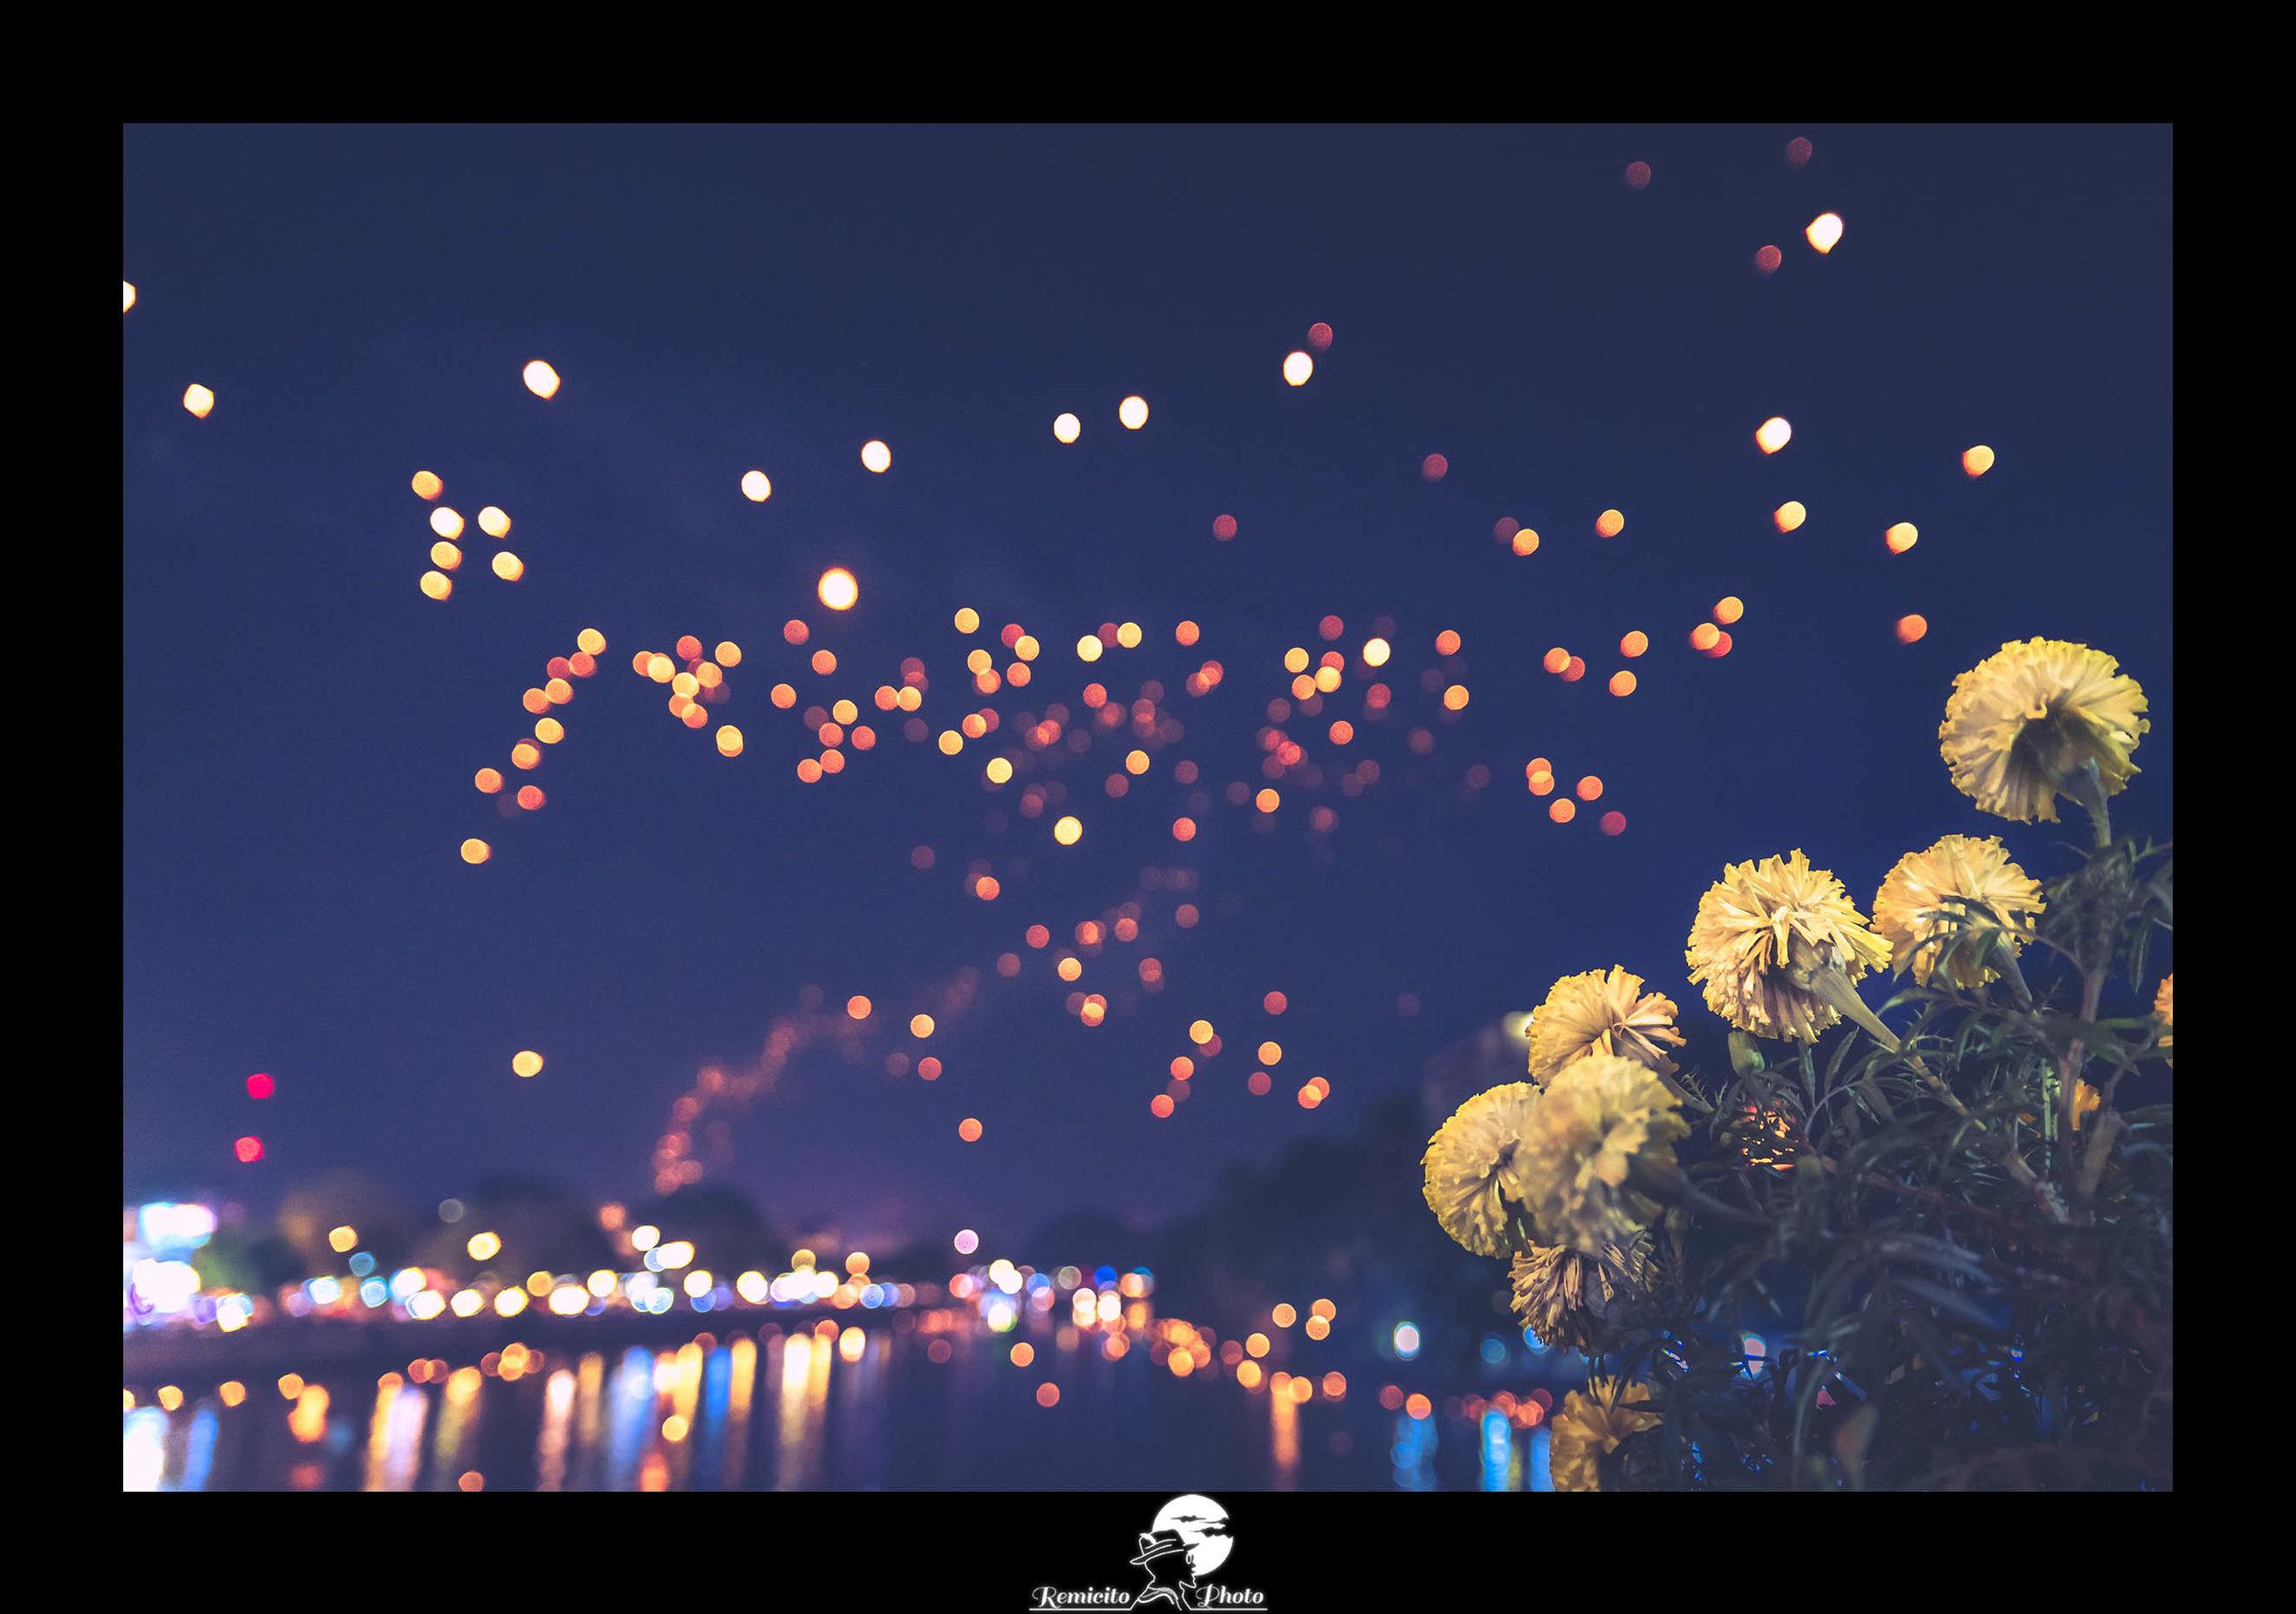 remicito photo, image du jour, photo du jour, photo of the day, remicito, lucioles dans le ciel, belle photo thailande lanternes, lanternes festival thailande, firefly photograph, belle photo, idée cadeau, best french photographer